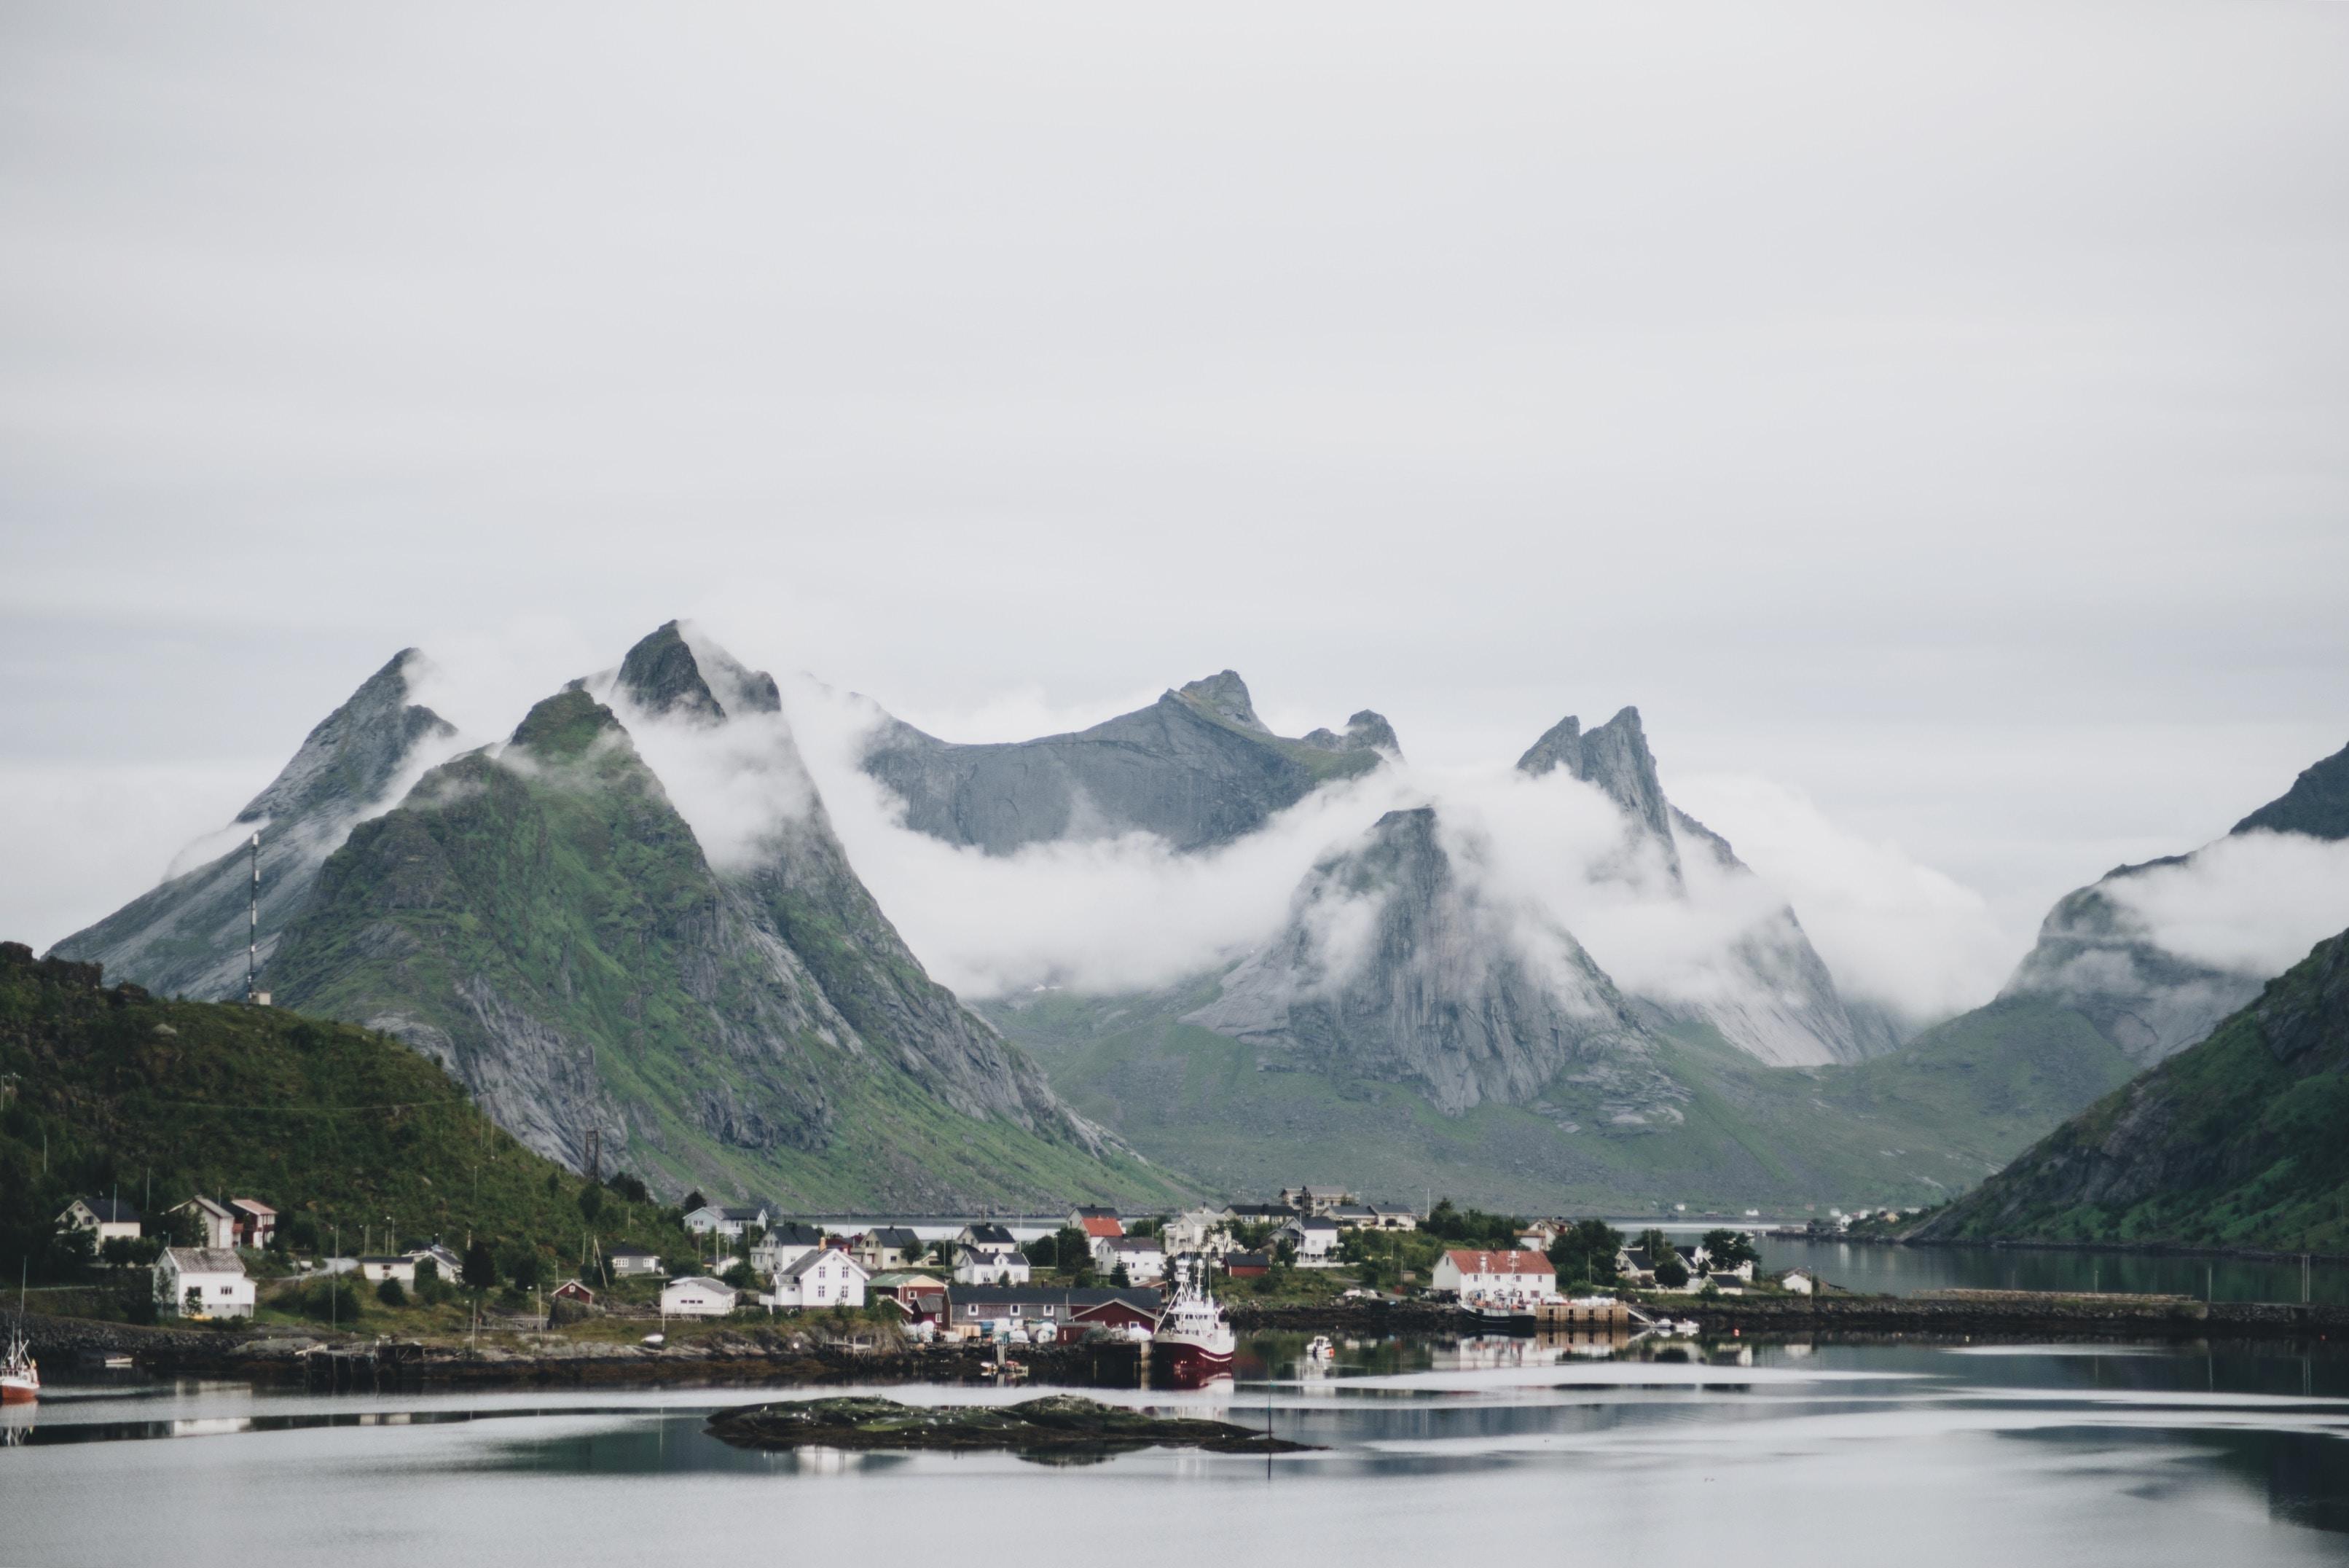 photo of town near mountains